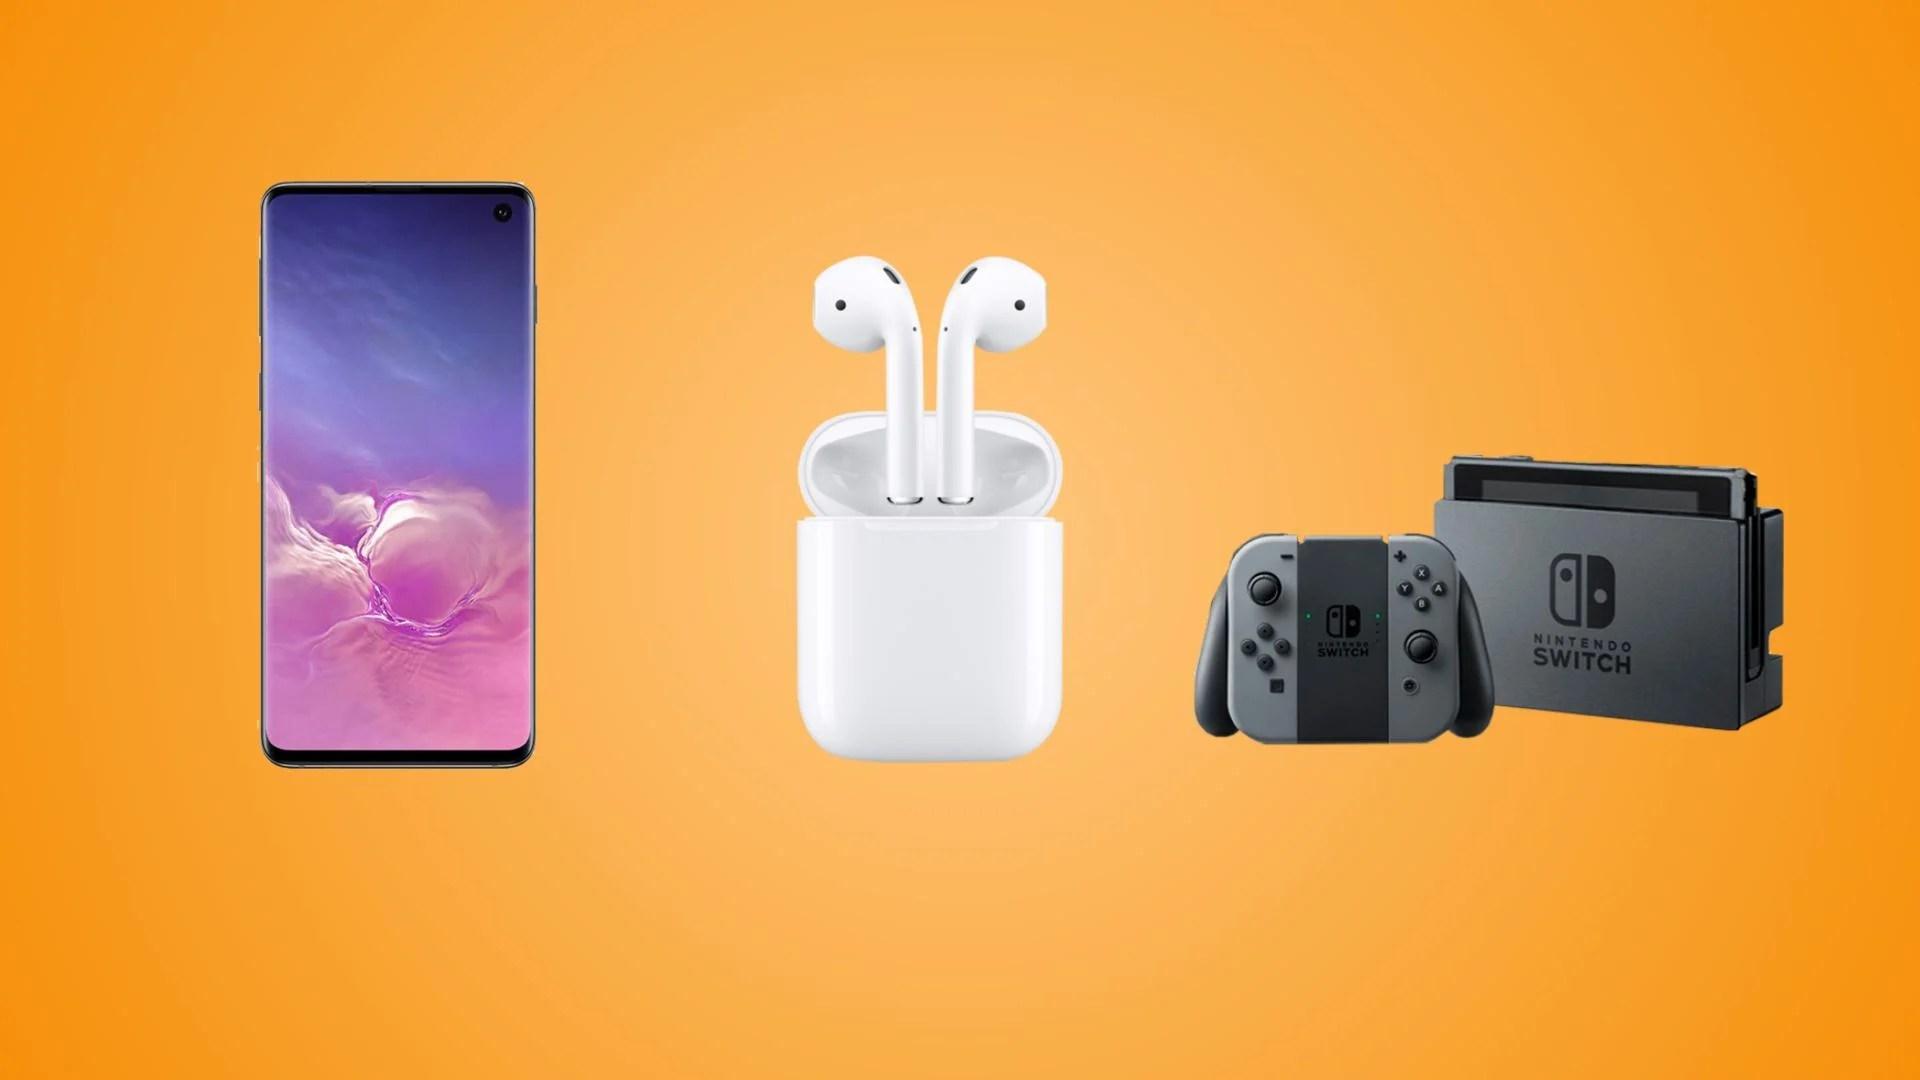 Samsung Galaxy S10 à 539 euros, Apple AirPods 2 à 142 euros et Nintendo Switch à 260 euros pour les soldes Rakuten